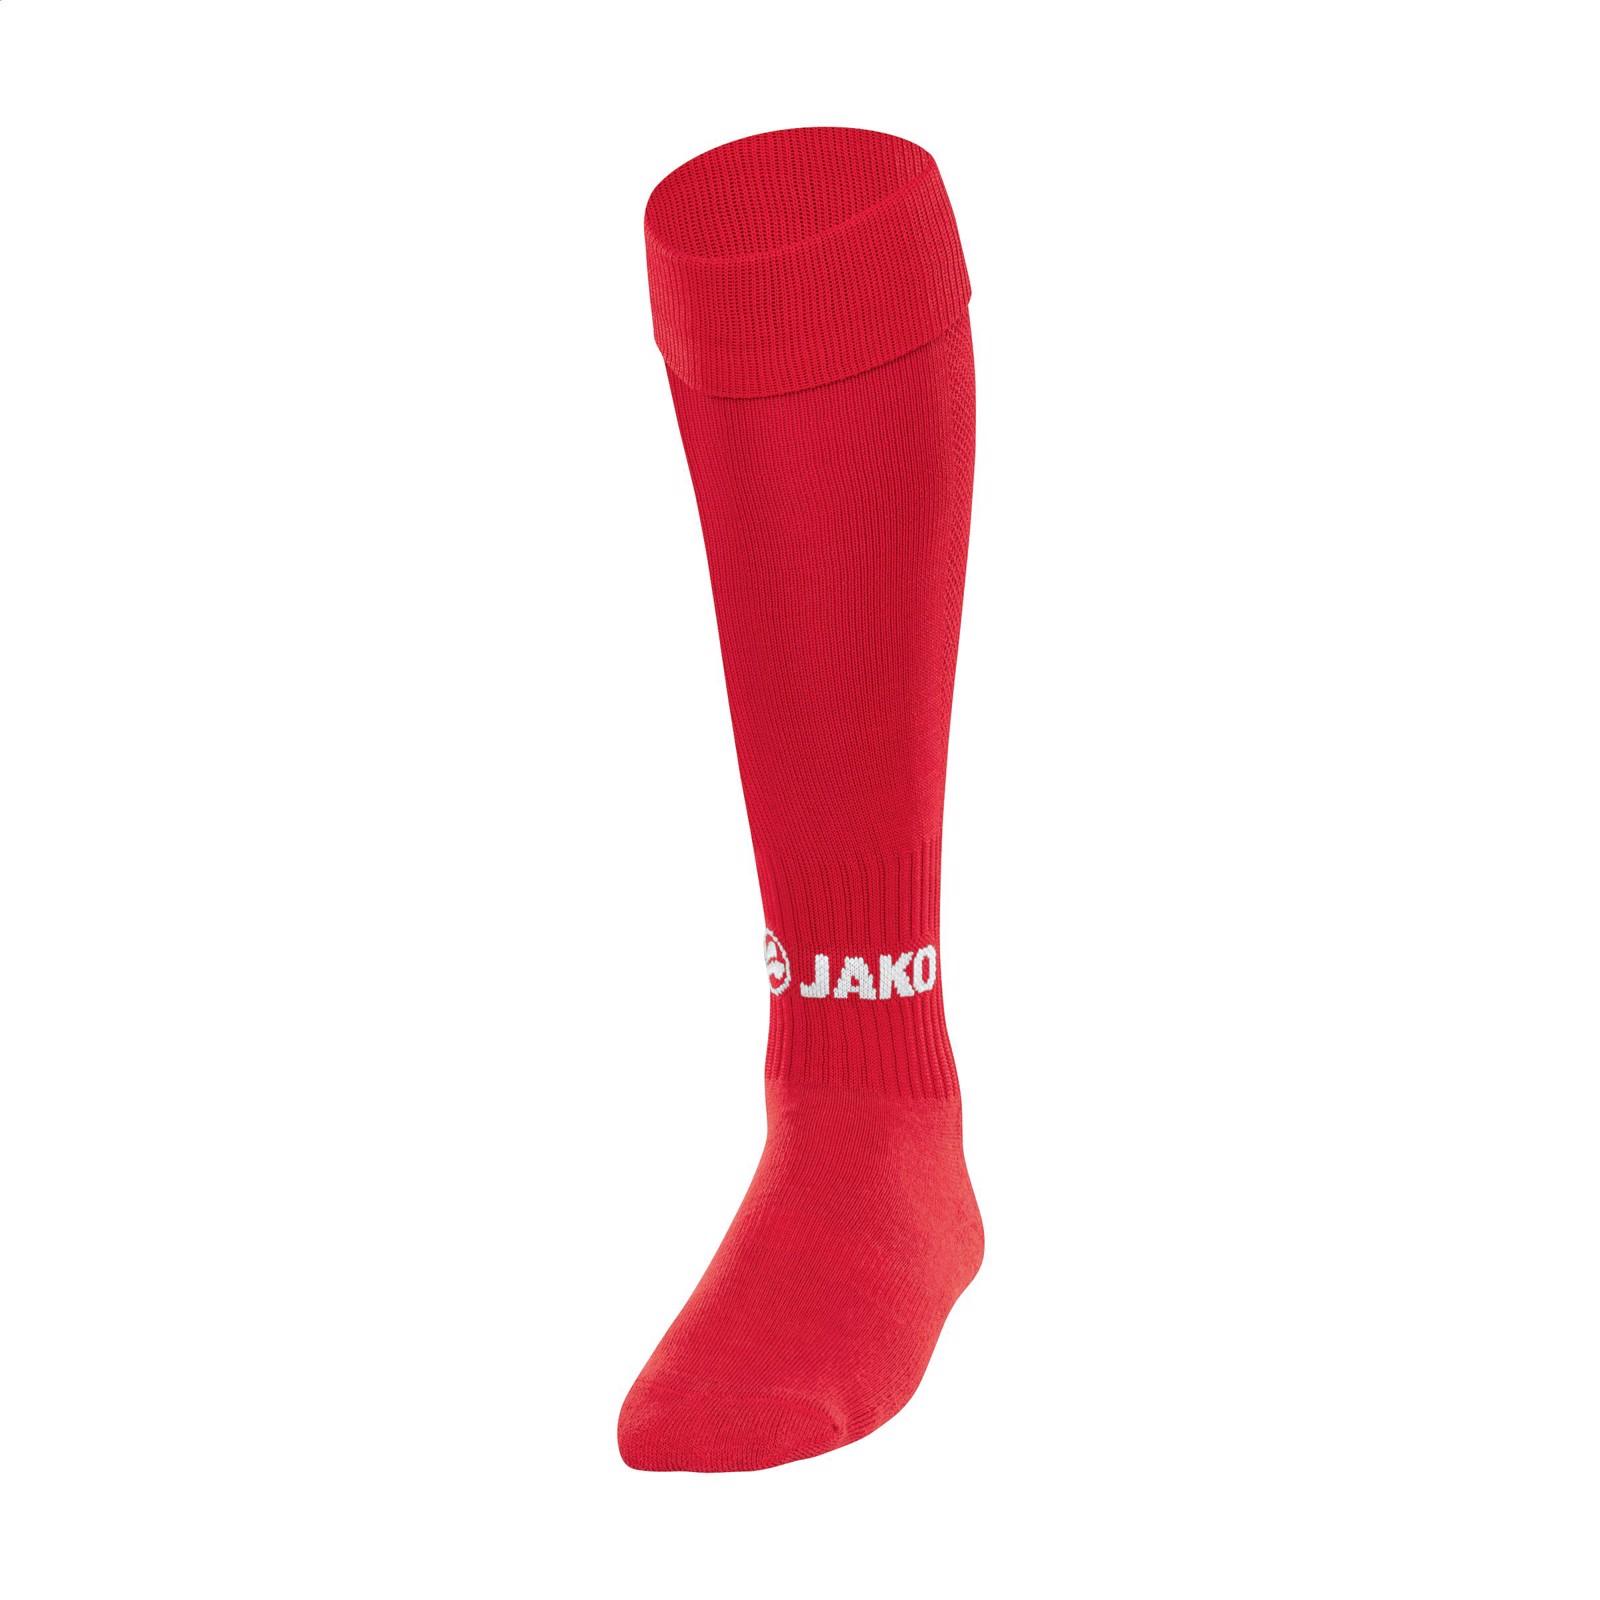 Jako® Glasgow Sport Socks  2.0 Adults - Red / L